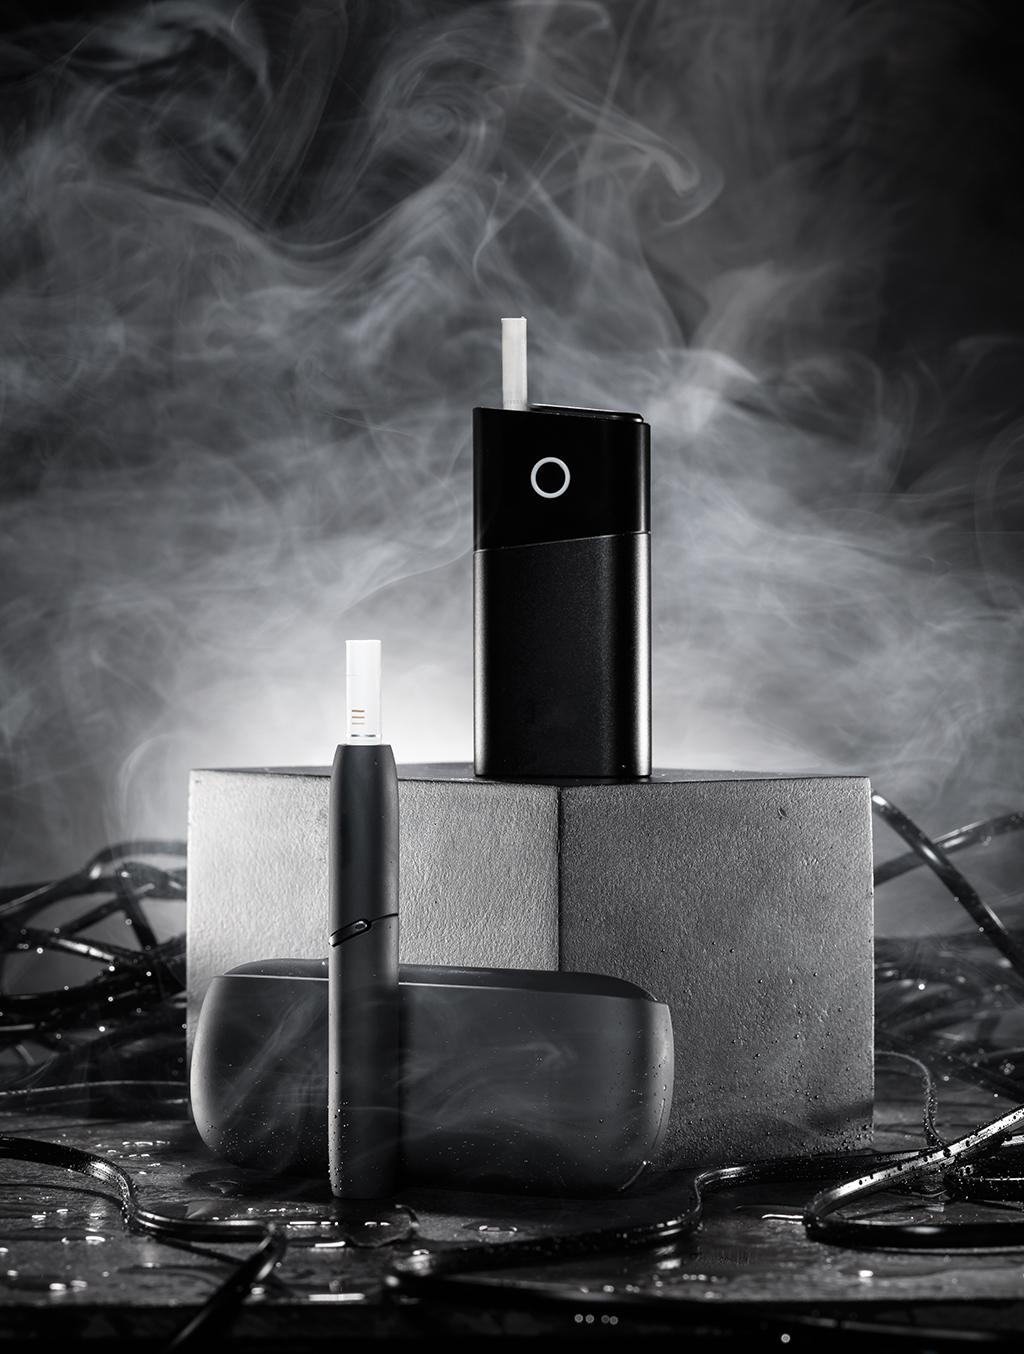 Esta é a classe dos híbridos: os cigarros eletrônicos que, em vez de vaporizar nicotina líquida, aquecem bastões de tabaco dentro destas cápsulas.